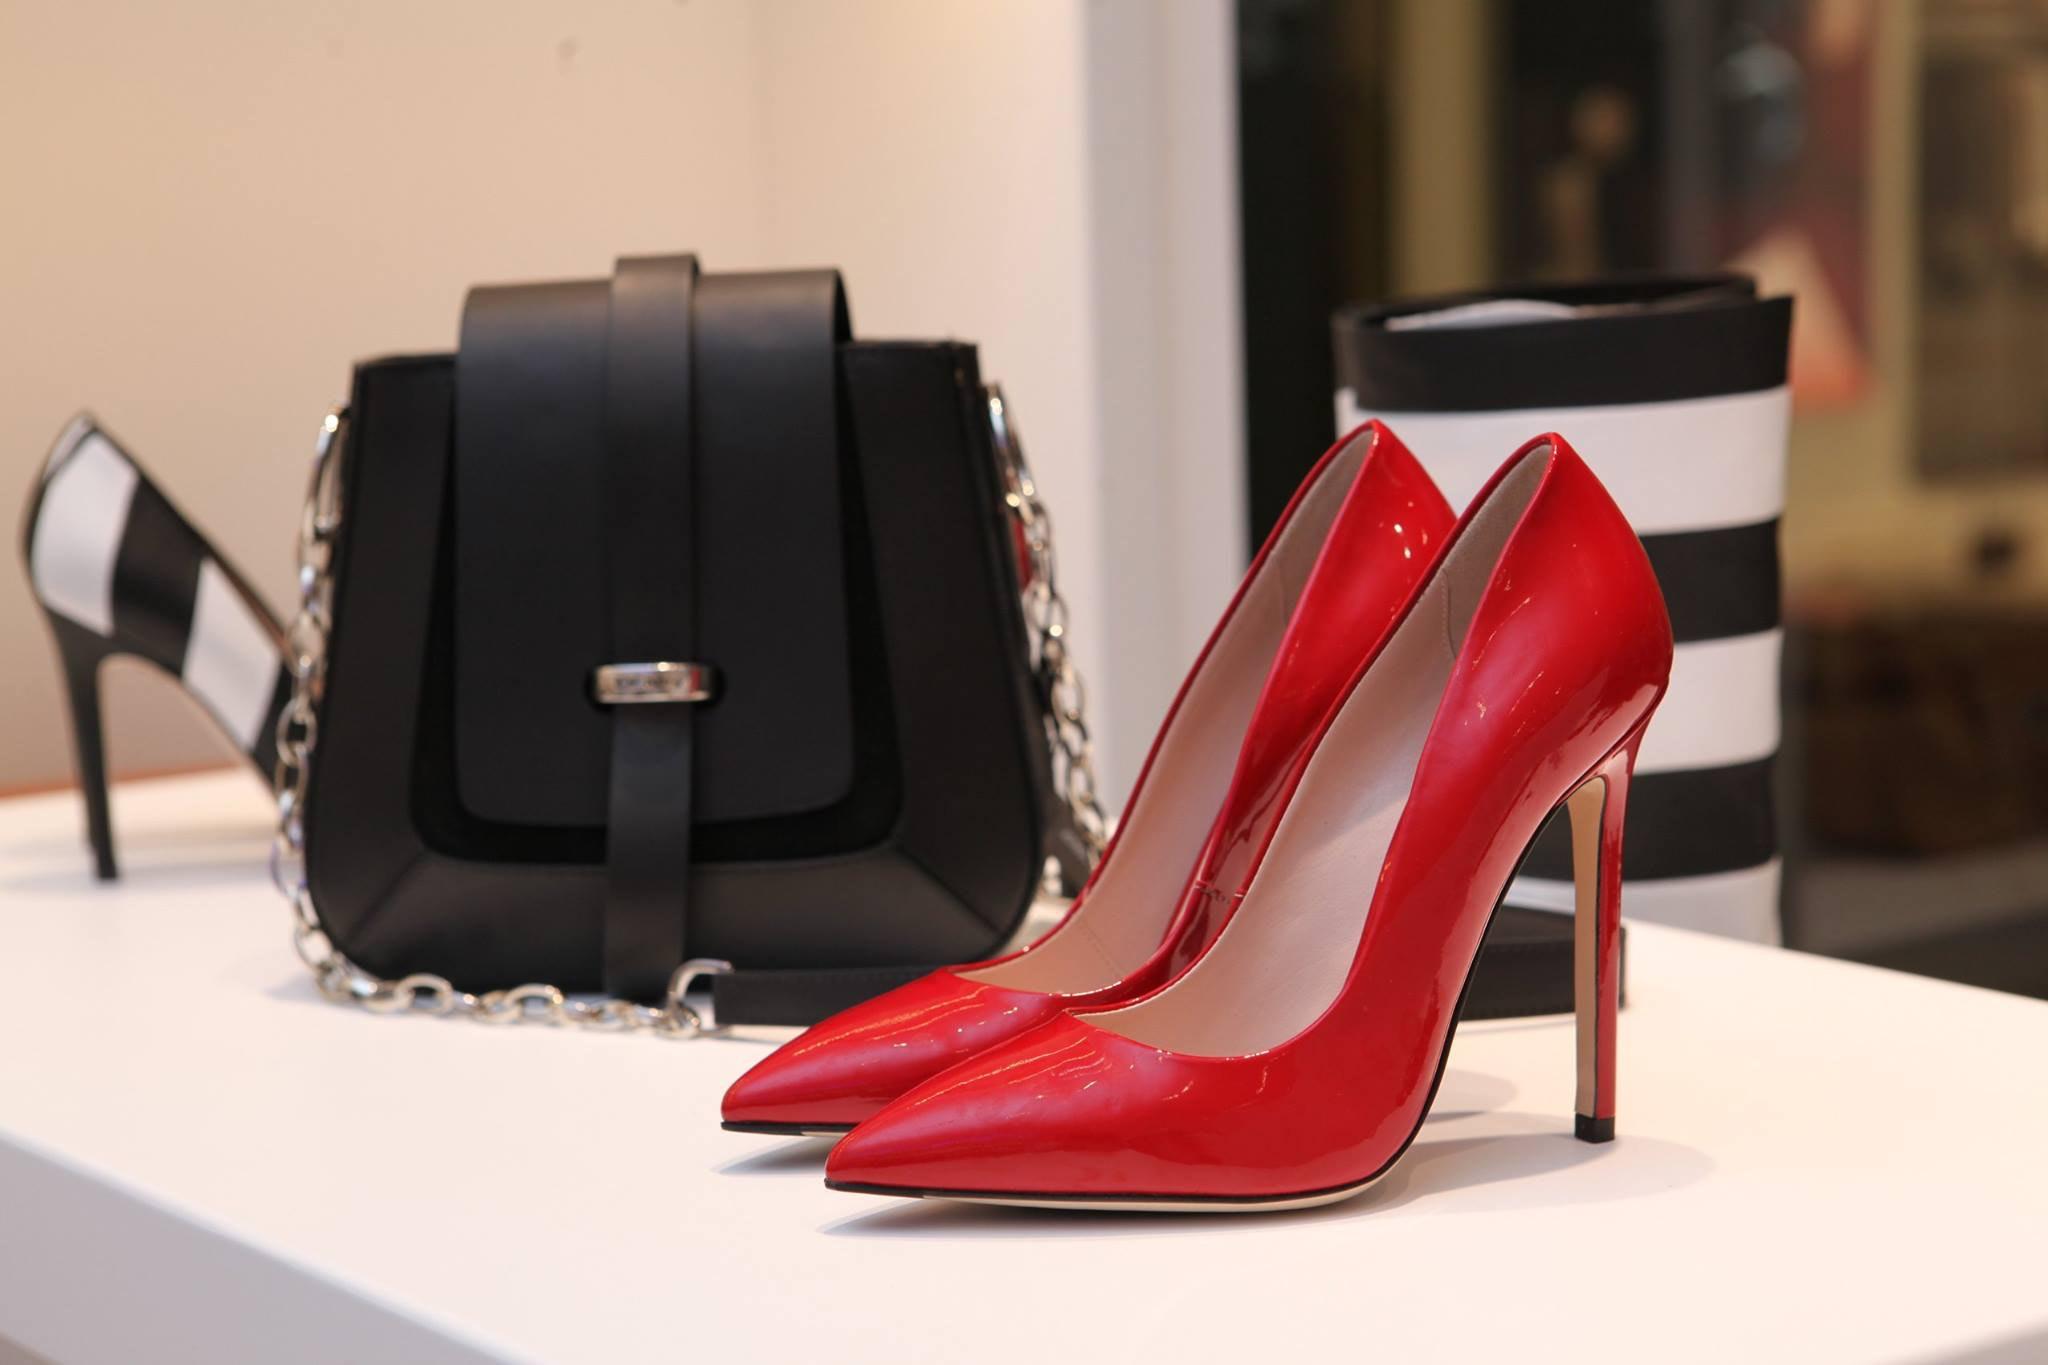 Son Moda Ayakkabı ve Çantalar Trendyol Luvishoes Mağazasında